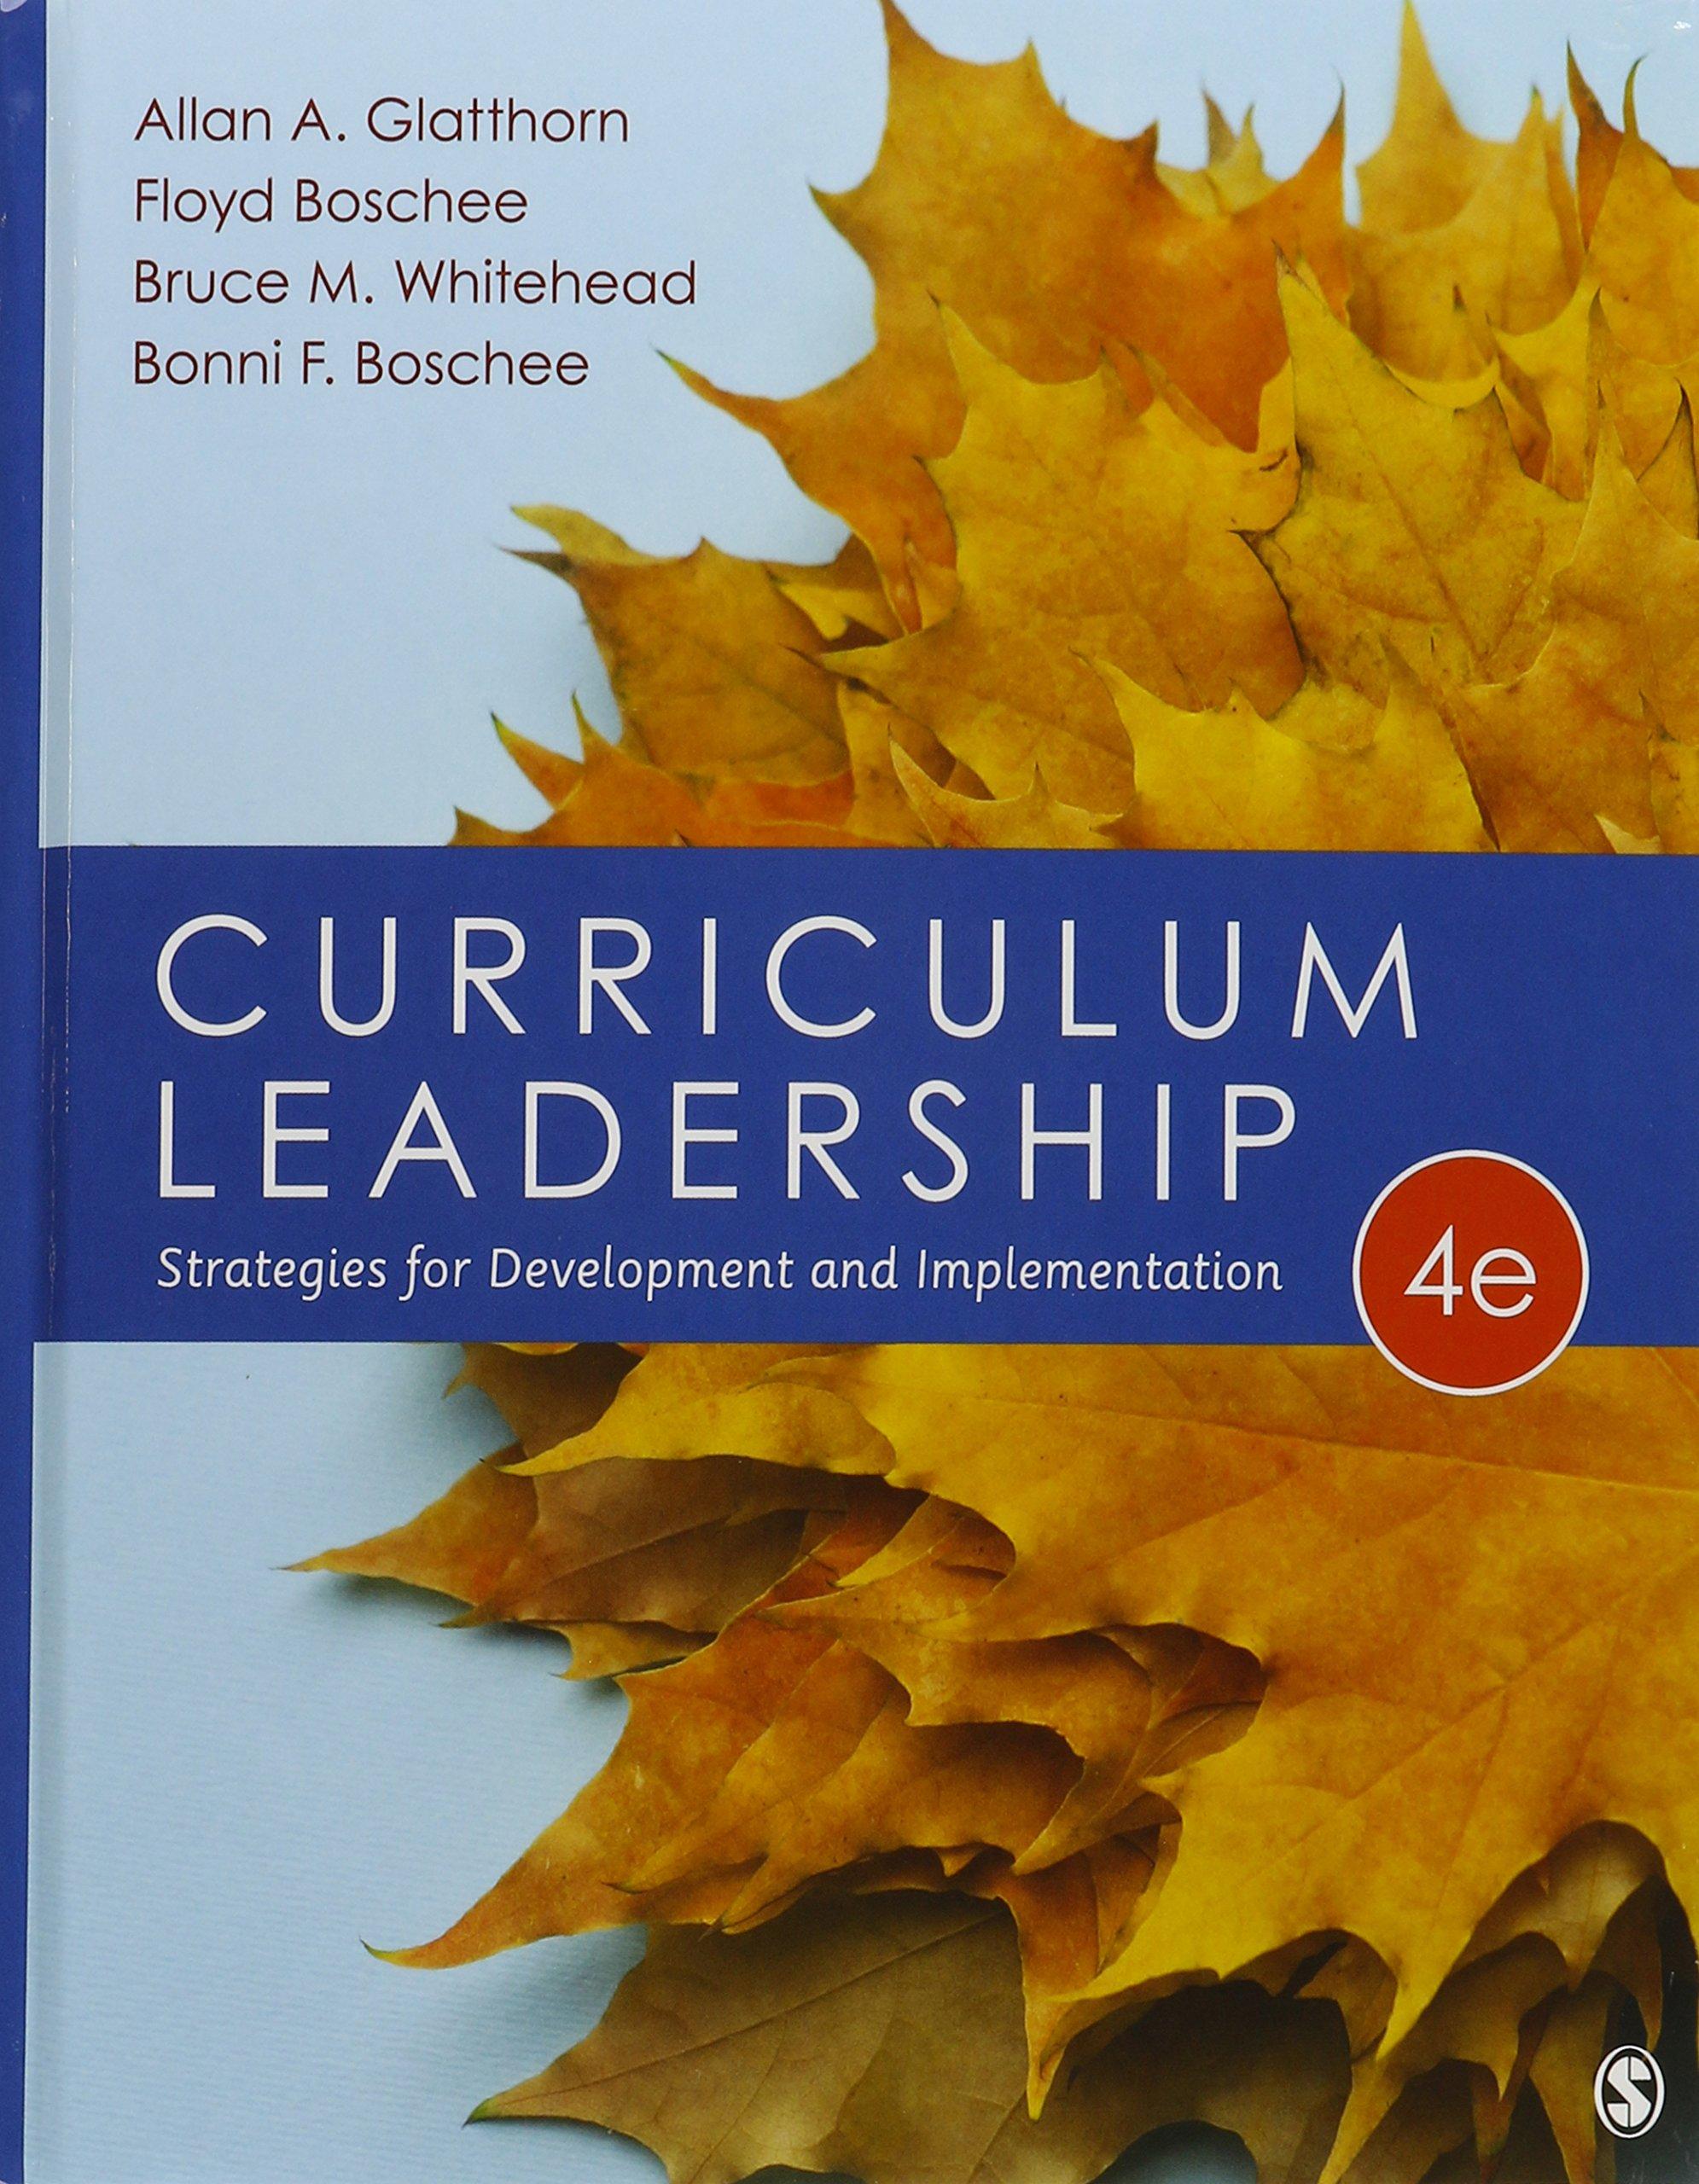 Bundle: Glatthorn: Curriculum Leadership 4e + Schiro: Curriculum Theory 2e:  Allan A Glatthorn, Michael Stephen Schiro: 9781506307237: Curriculum ...